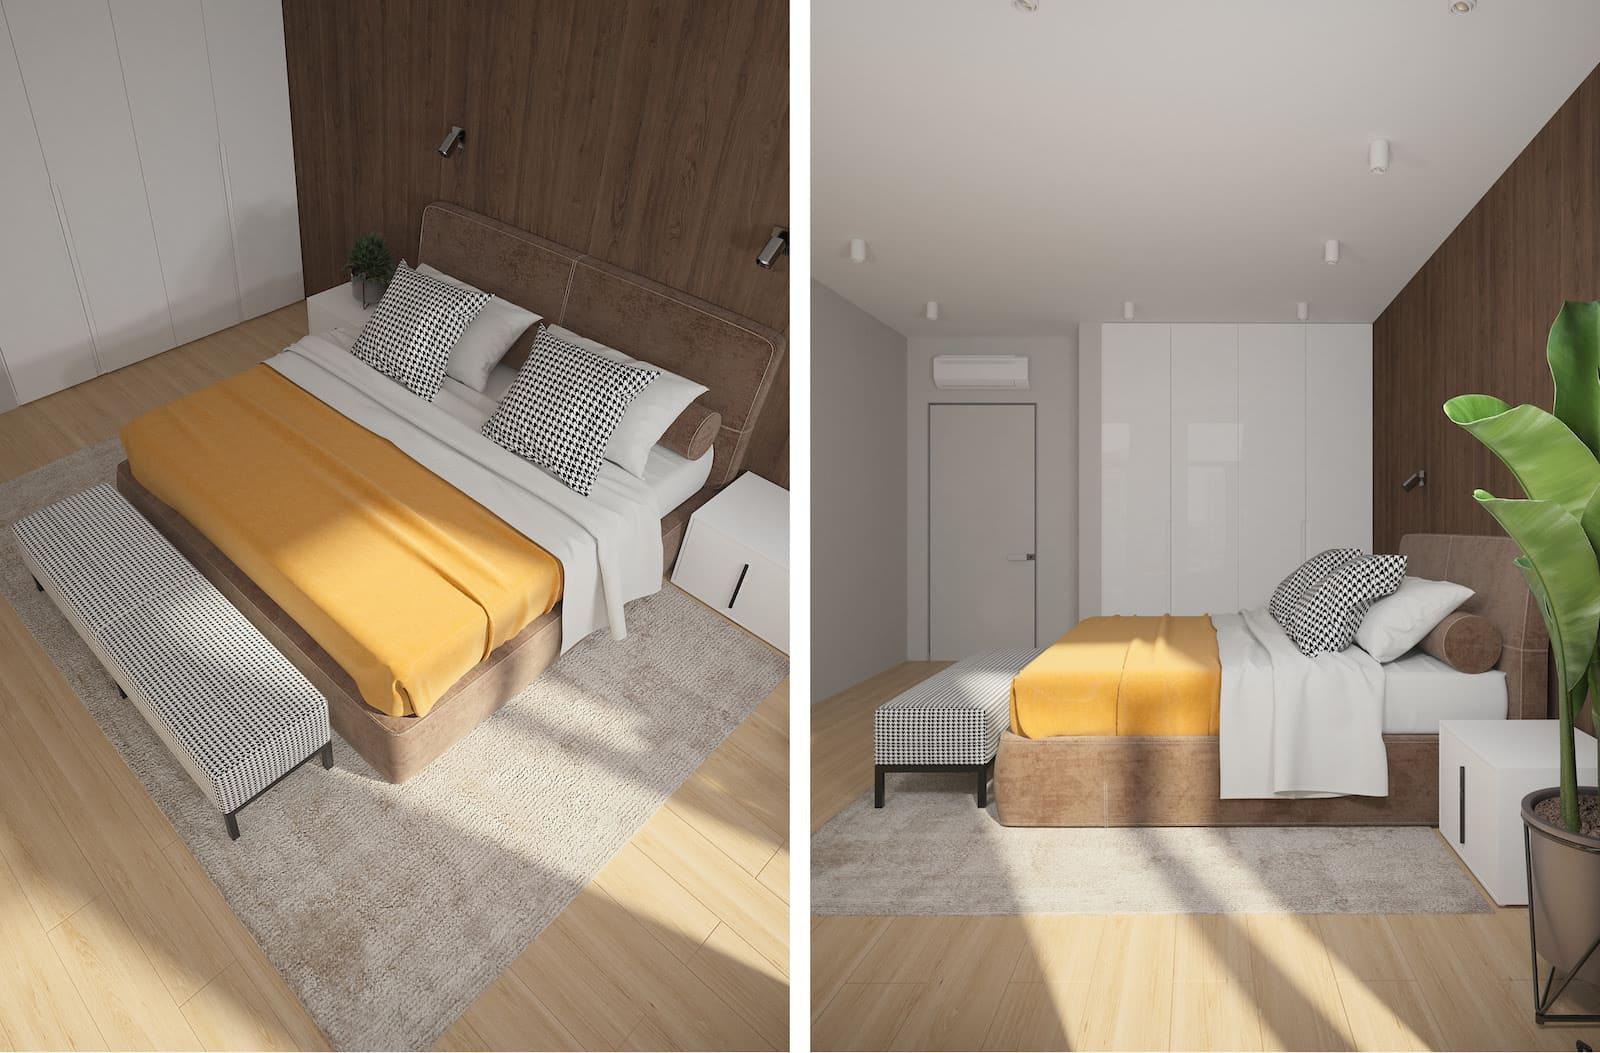 conception d'un appartement d'une pièce photo 11